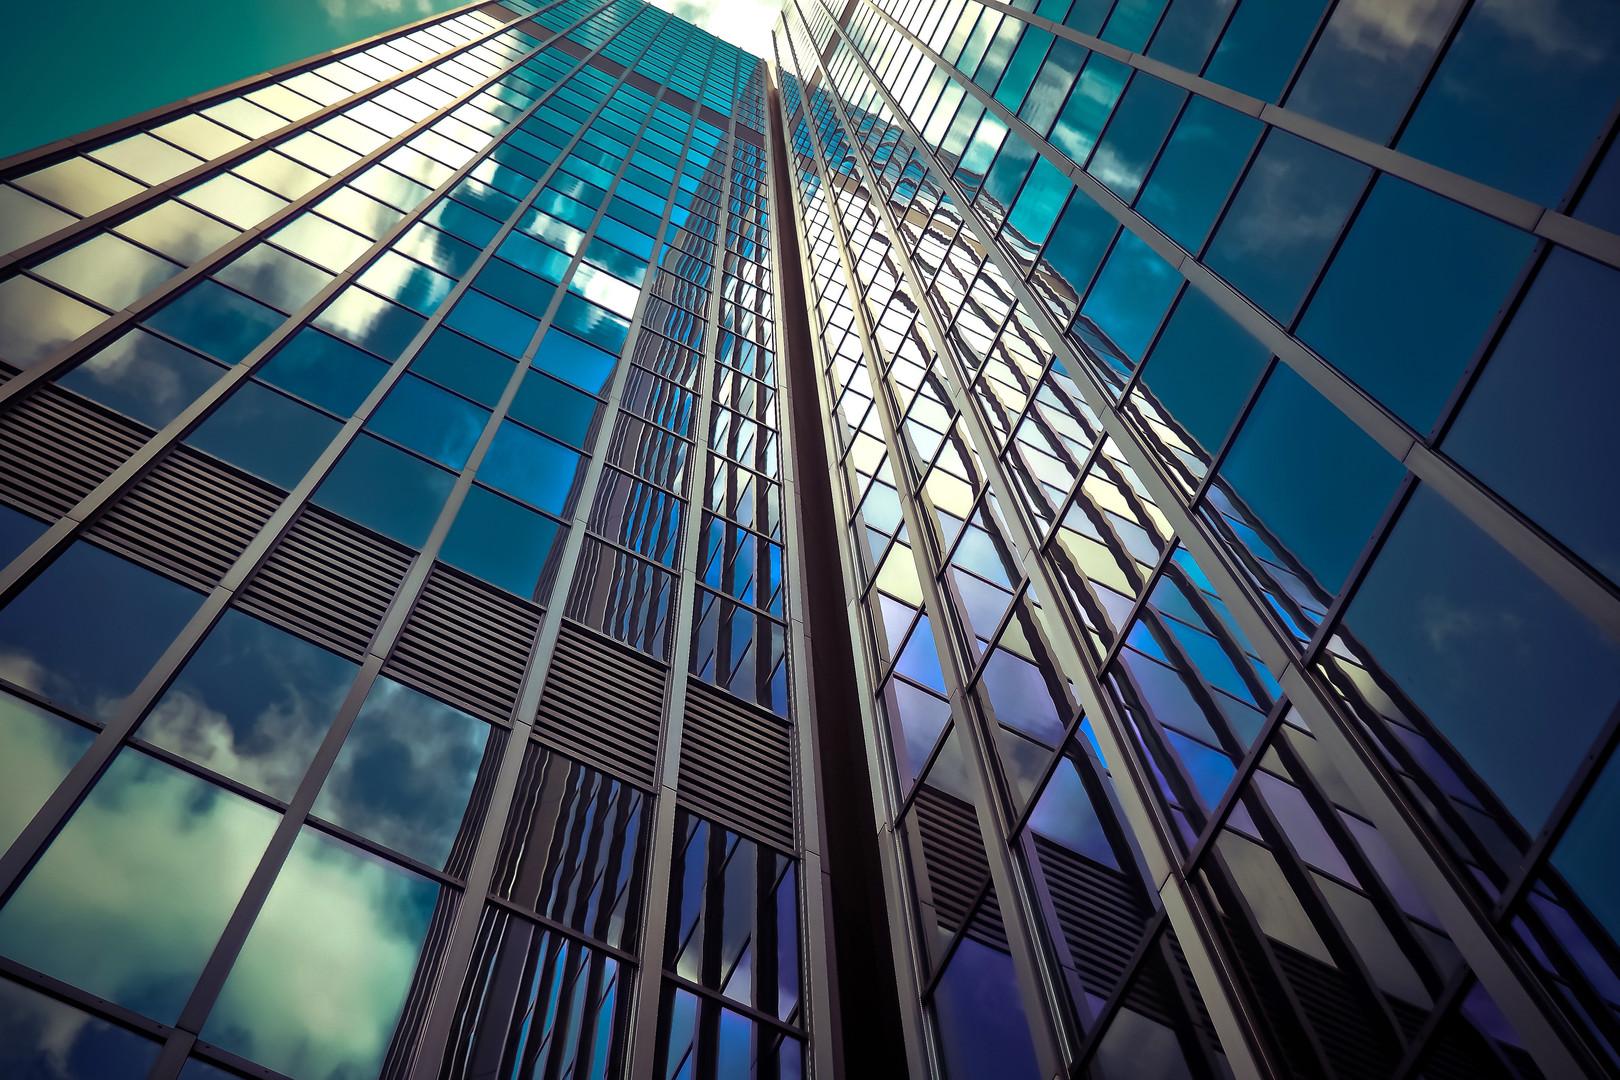 architectural-design-architecture-blue-4